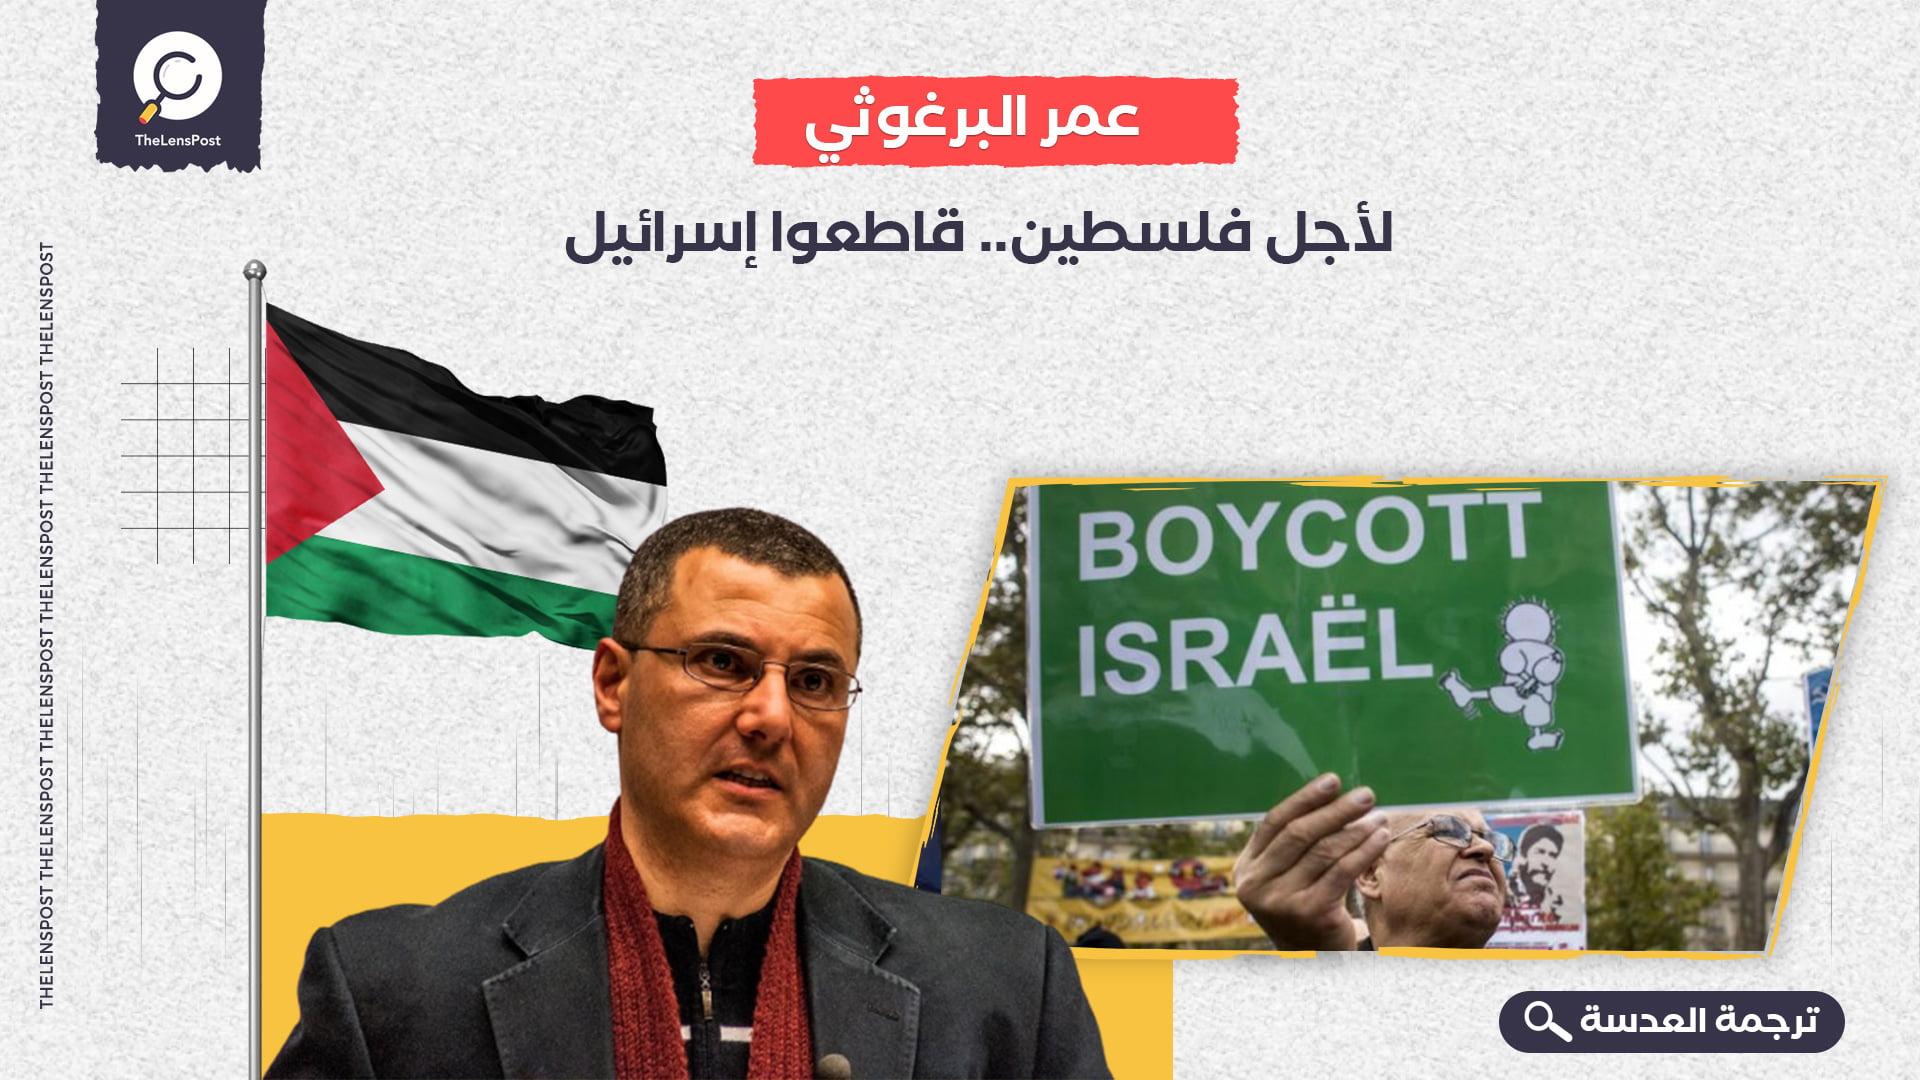 عمر البرغوثي: لأجل فلسطين.. قاطعوا إسرائيل